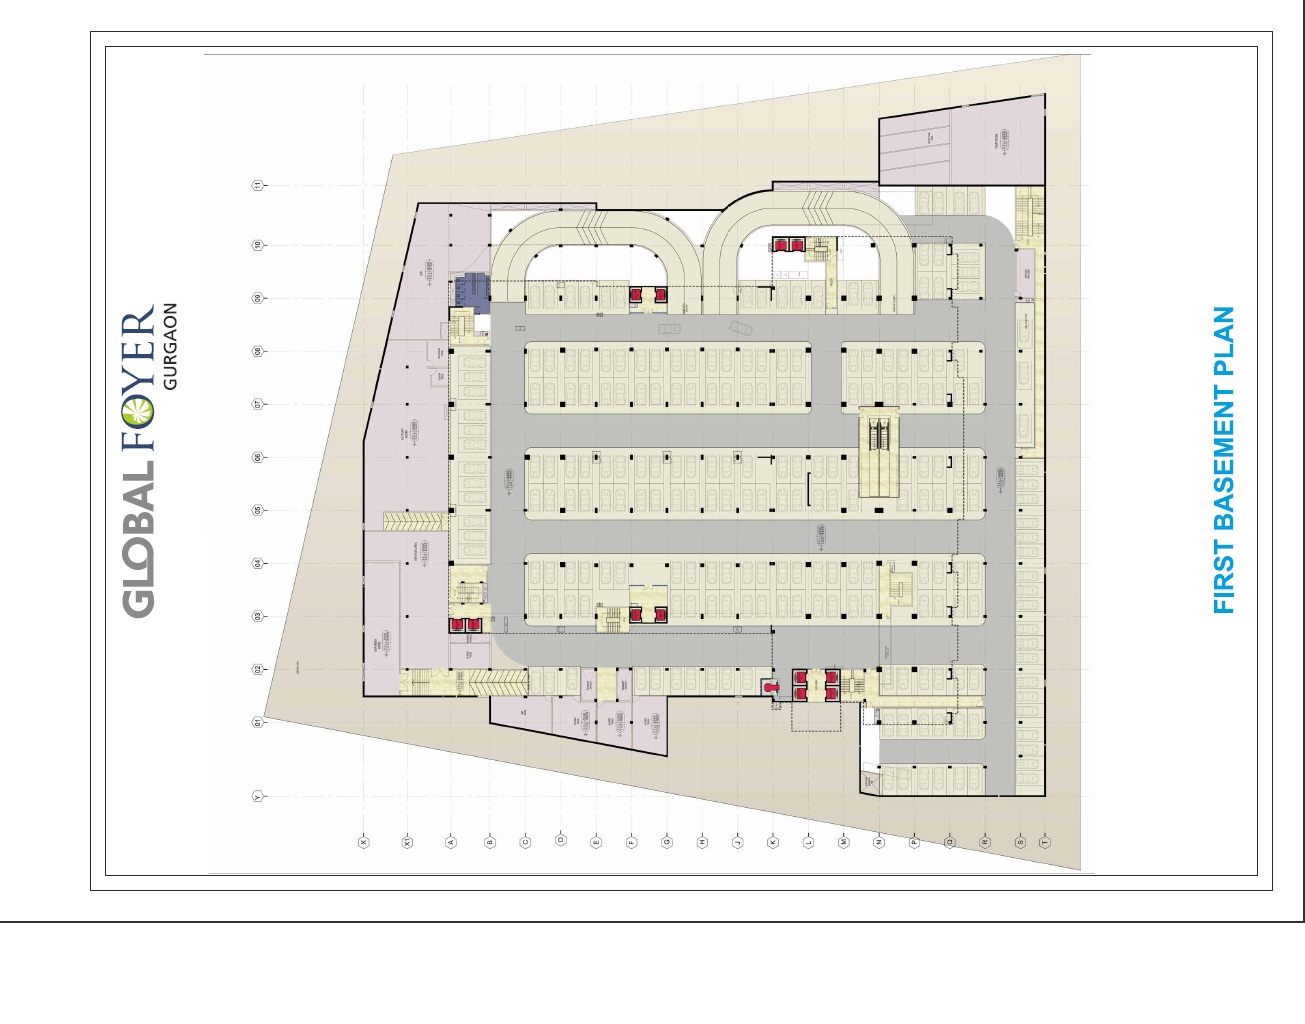 Global Foyer Floor Plan : Office space in global foyer prithvi estates